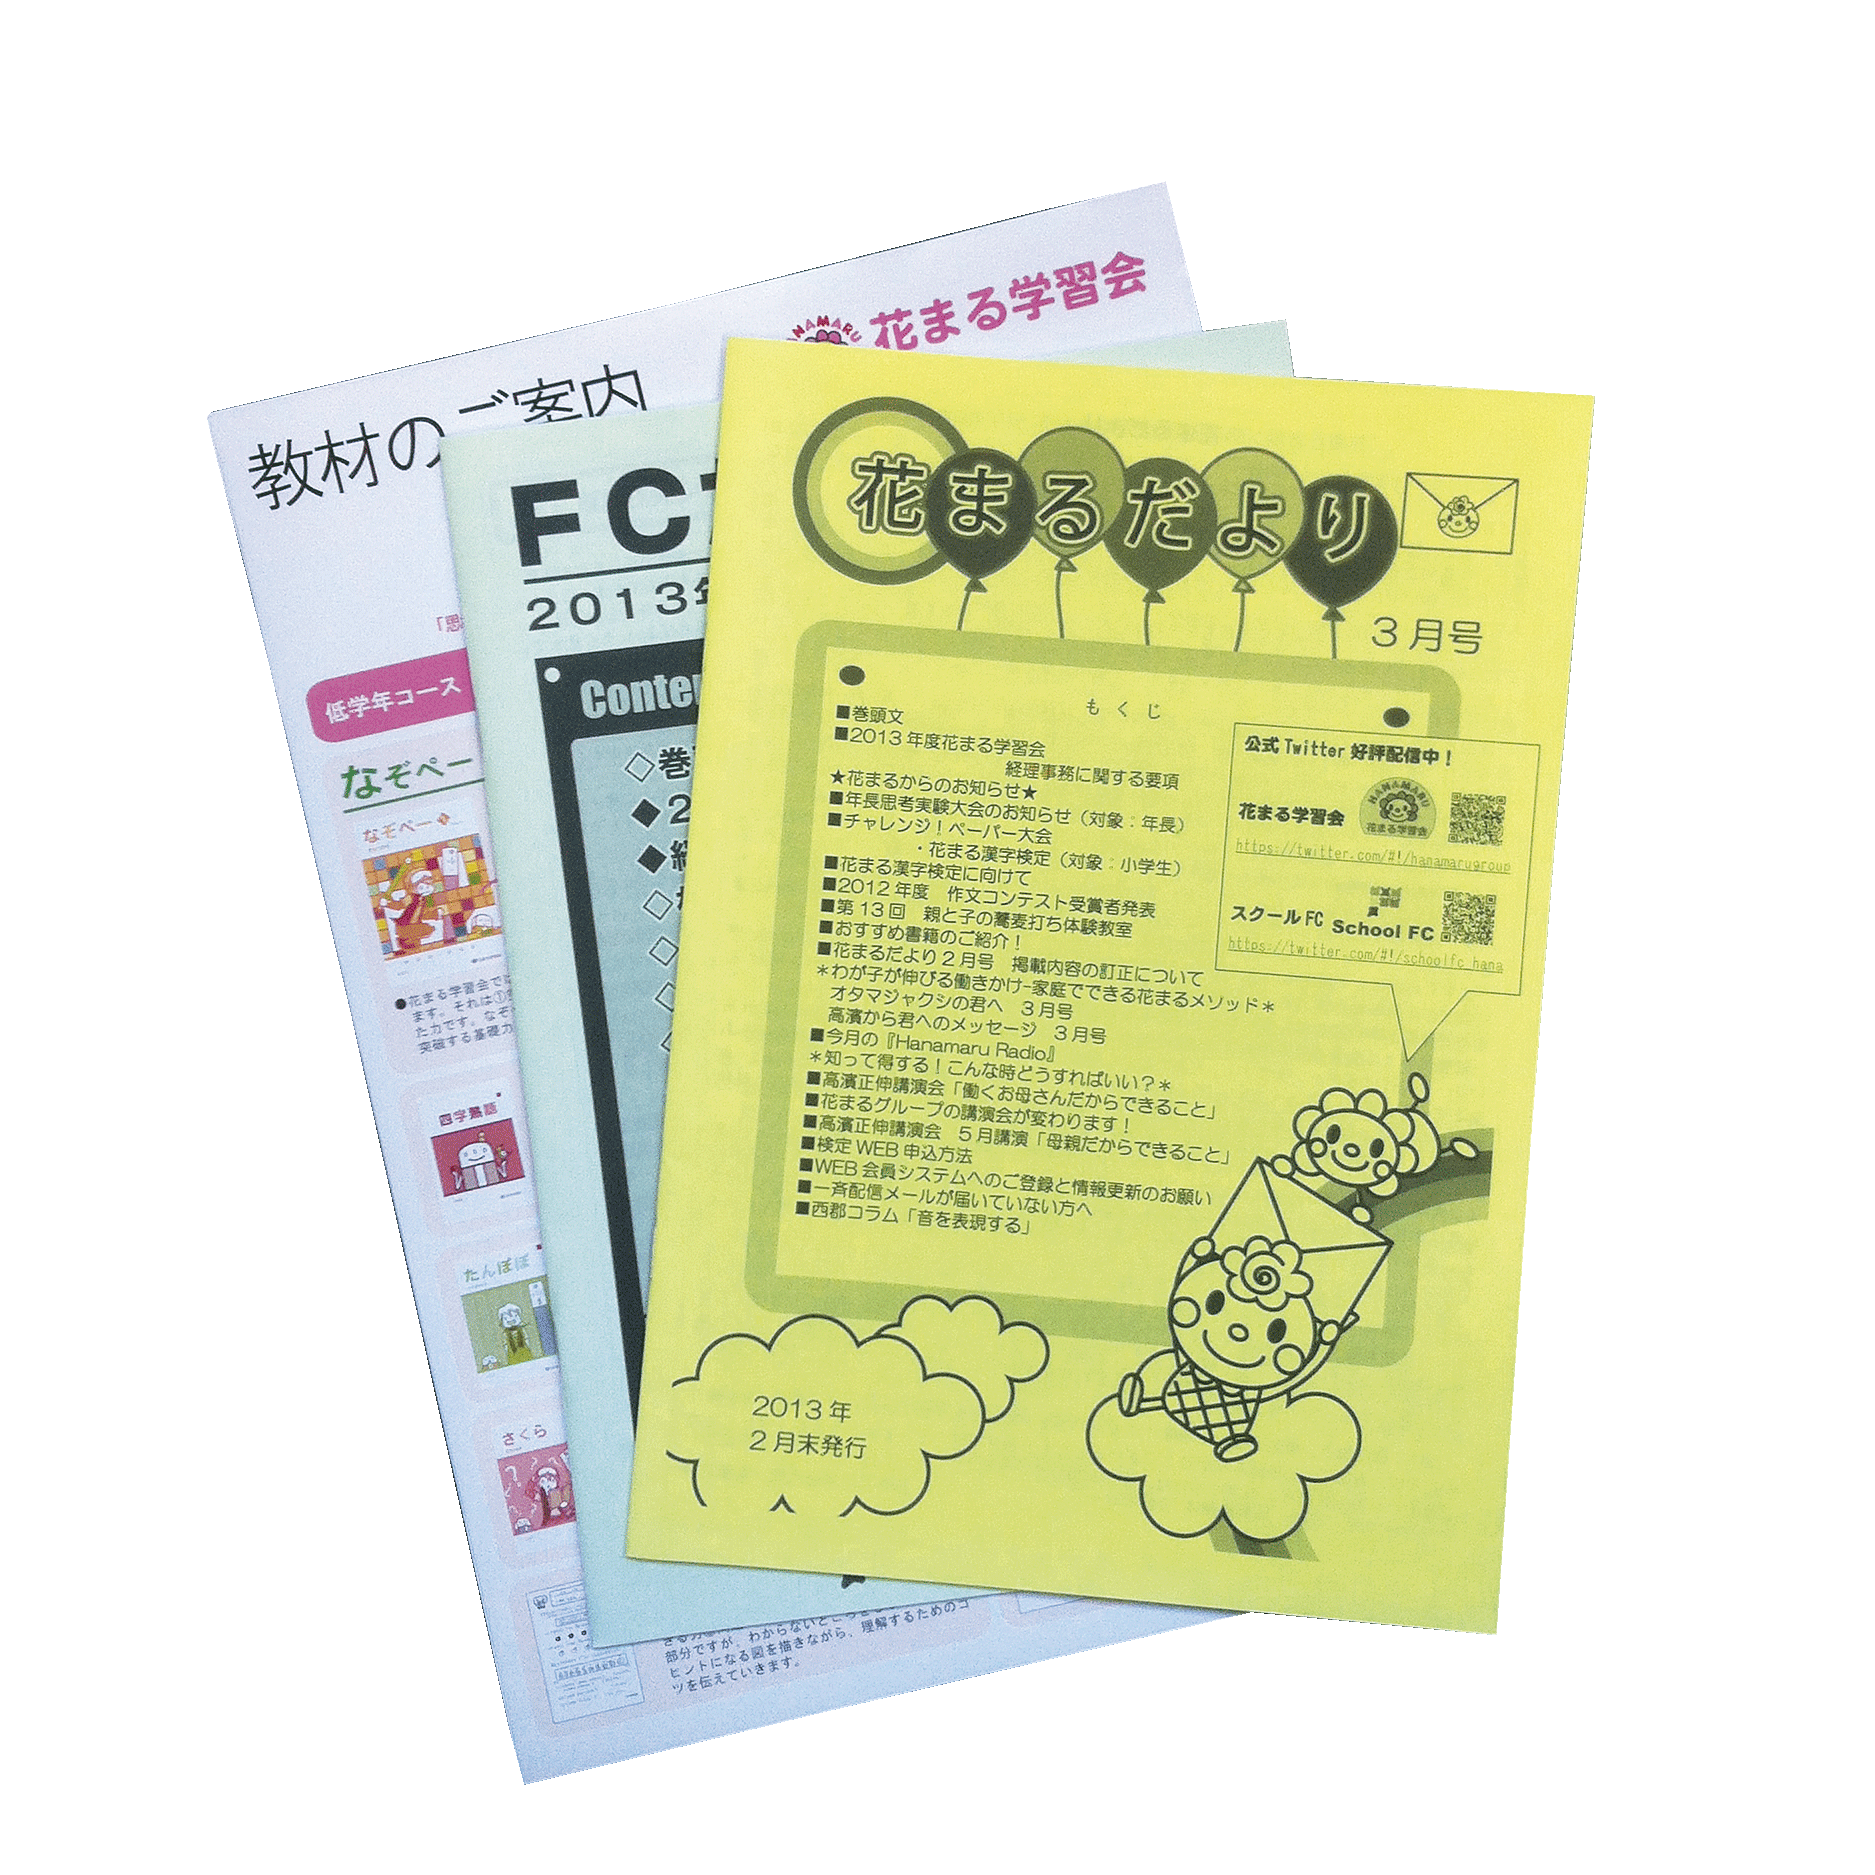 Public information paper